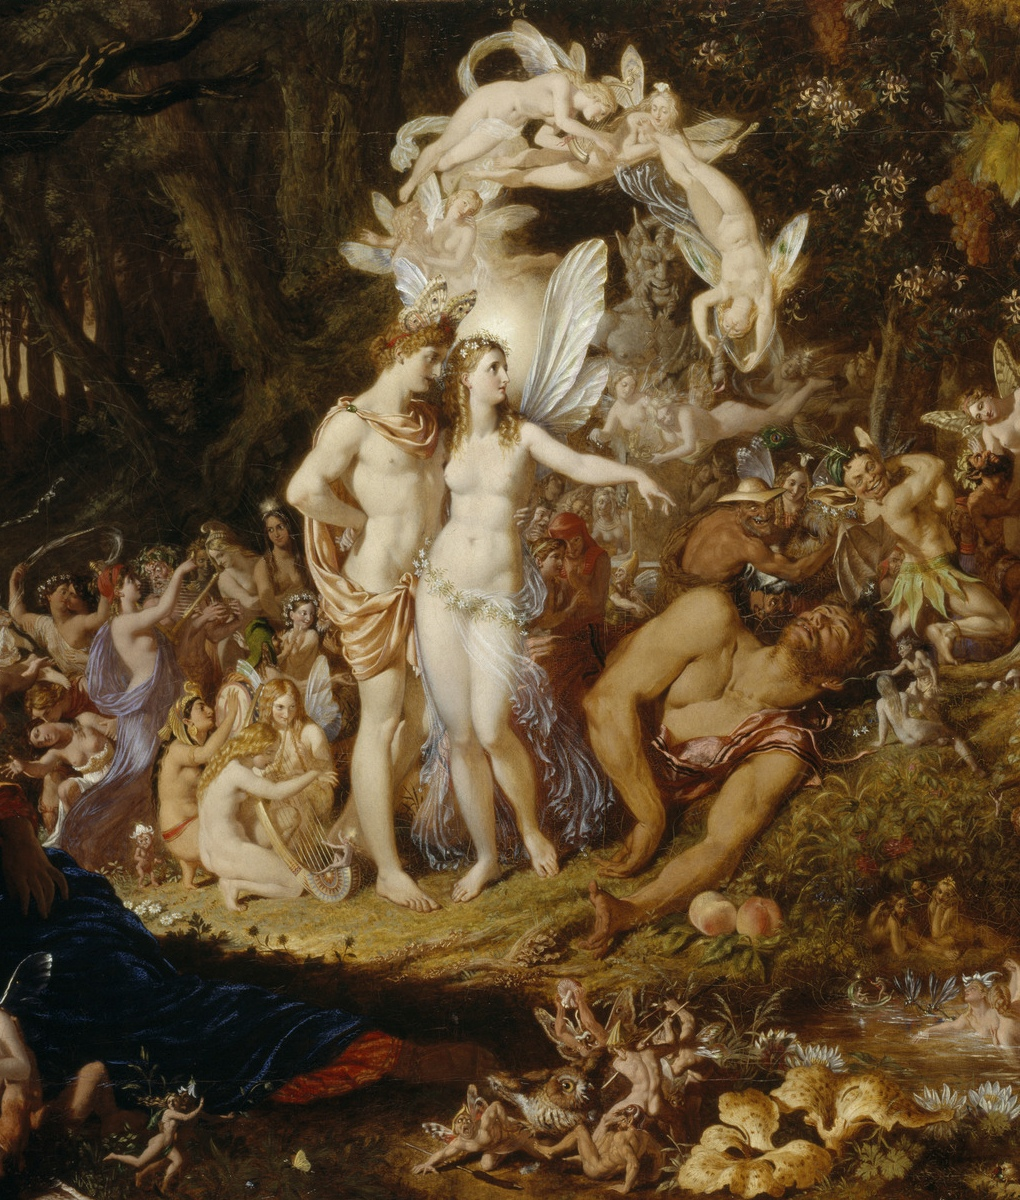 Obéron et Titania, son épouse - Extrait d'une oeuvre de Sir Joseph Noel Paton, «The Reconciliation of Oberon and Titania», 1847, NG 294, National Galleries Scotland, cliquer pour plus d'infos